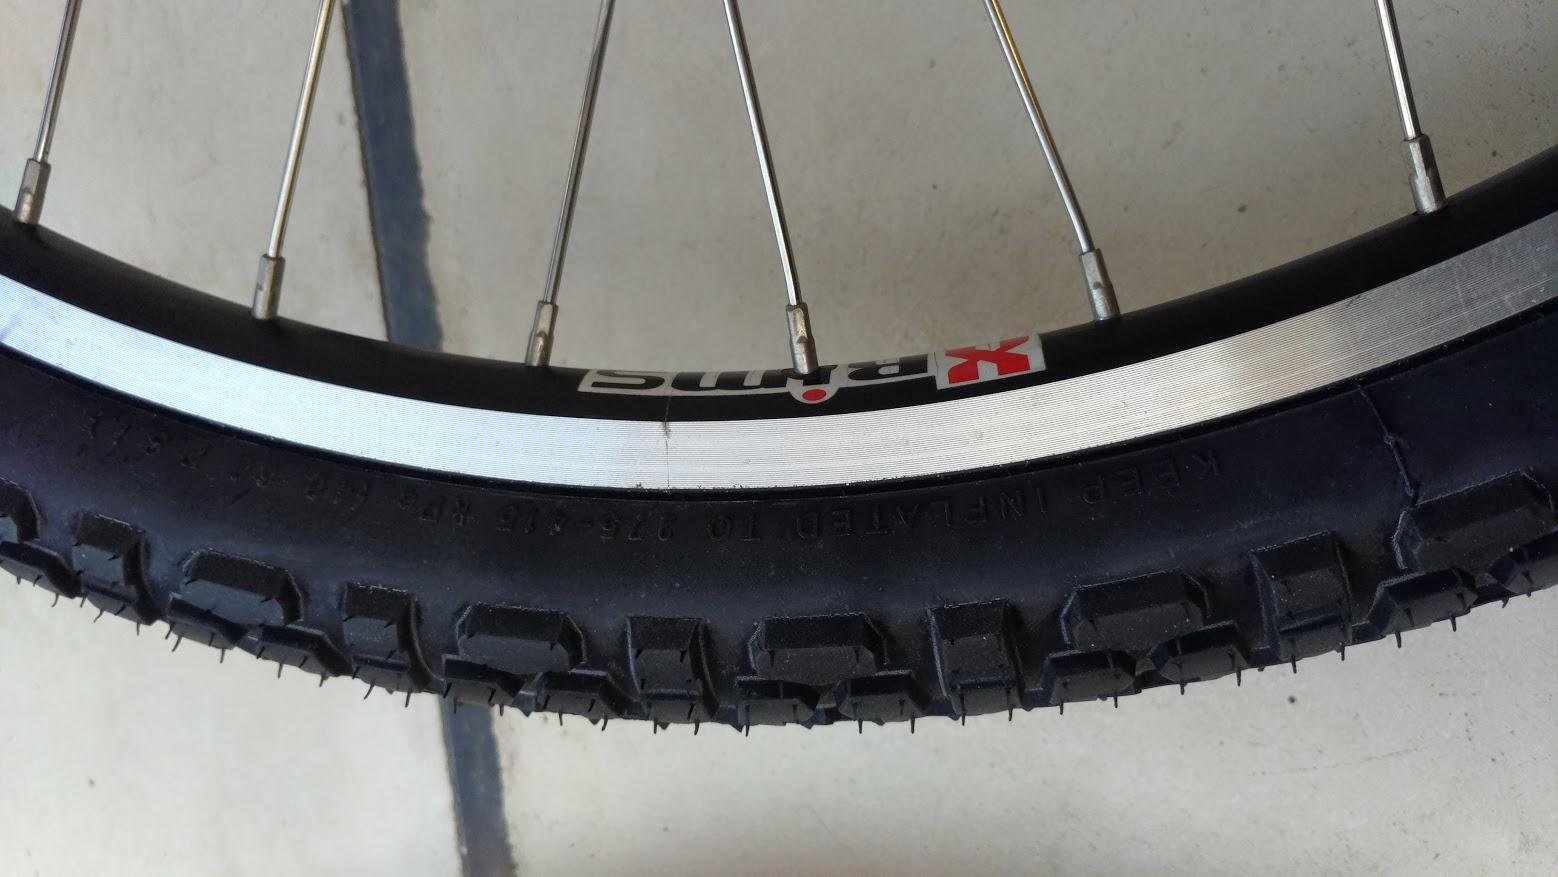 ブリヂストン hydee2 子供電動自転車 パンク タイヤ交換 -15-